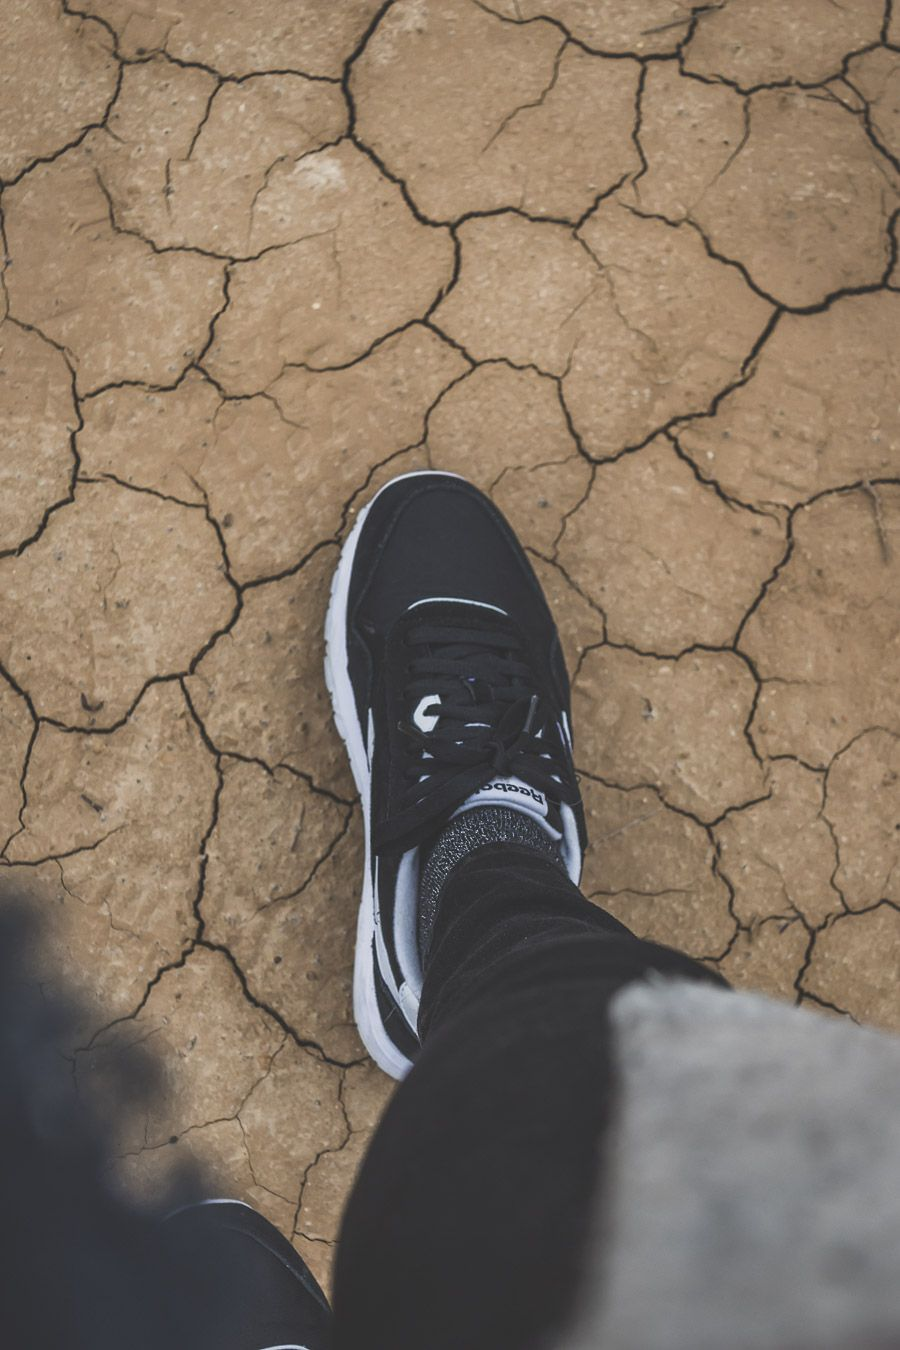 géologie du désert des Bardenas Reales